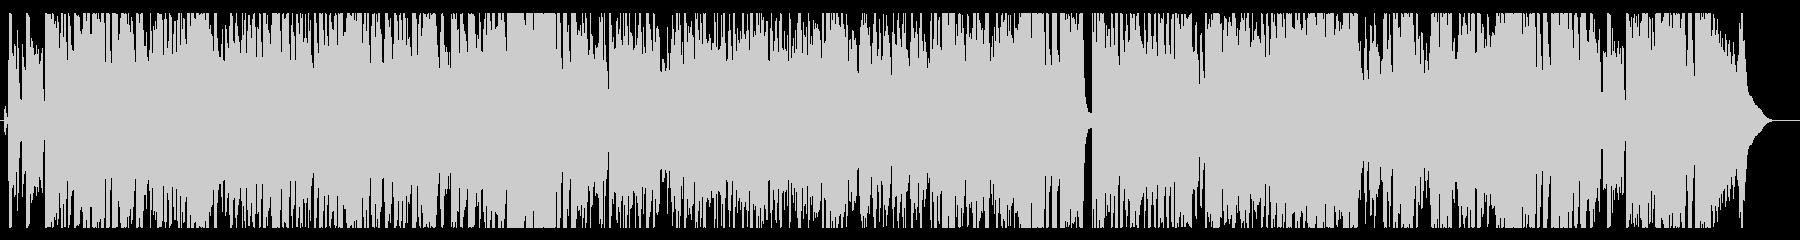 トランペットがメインの速いコンボジャズの未再生の波形